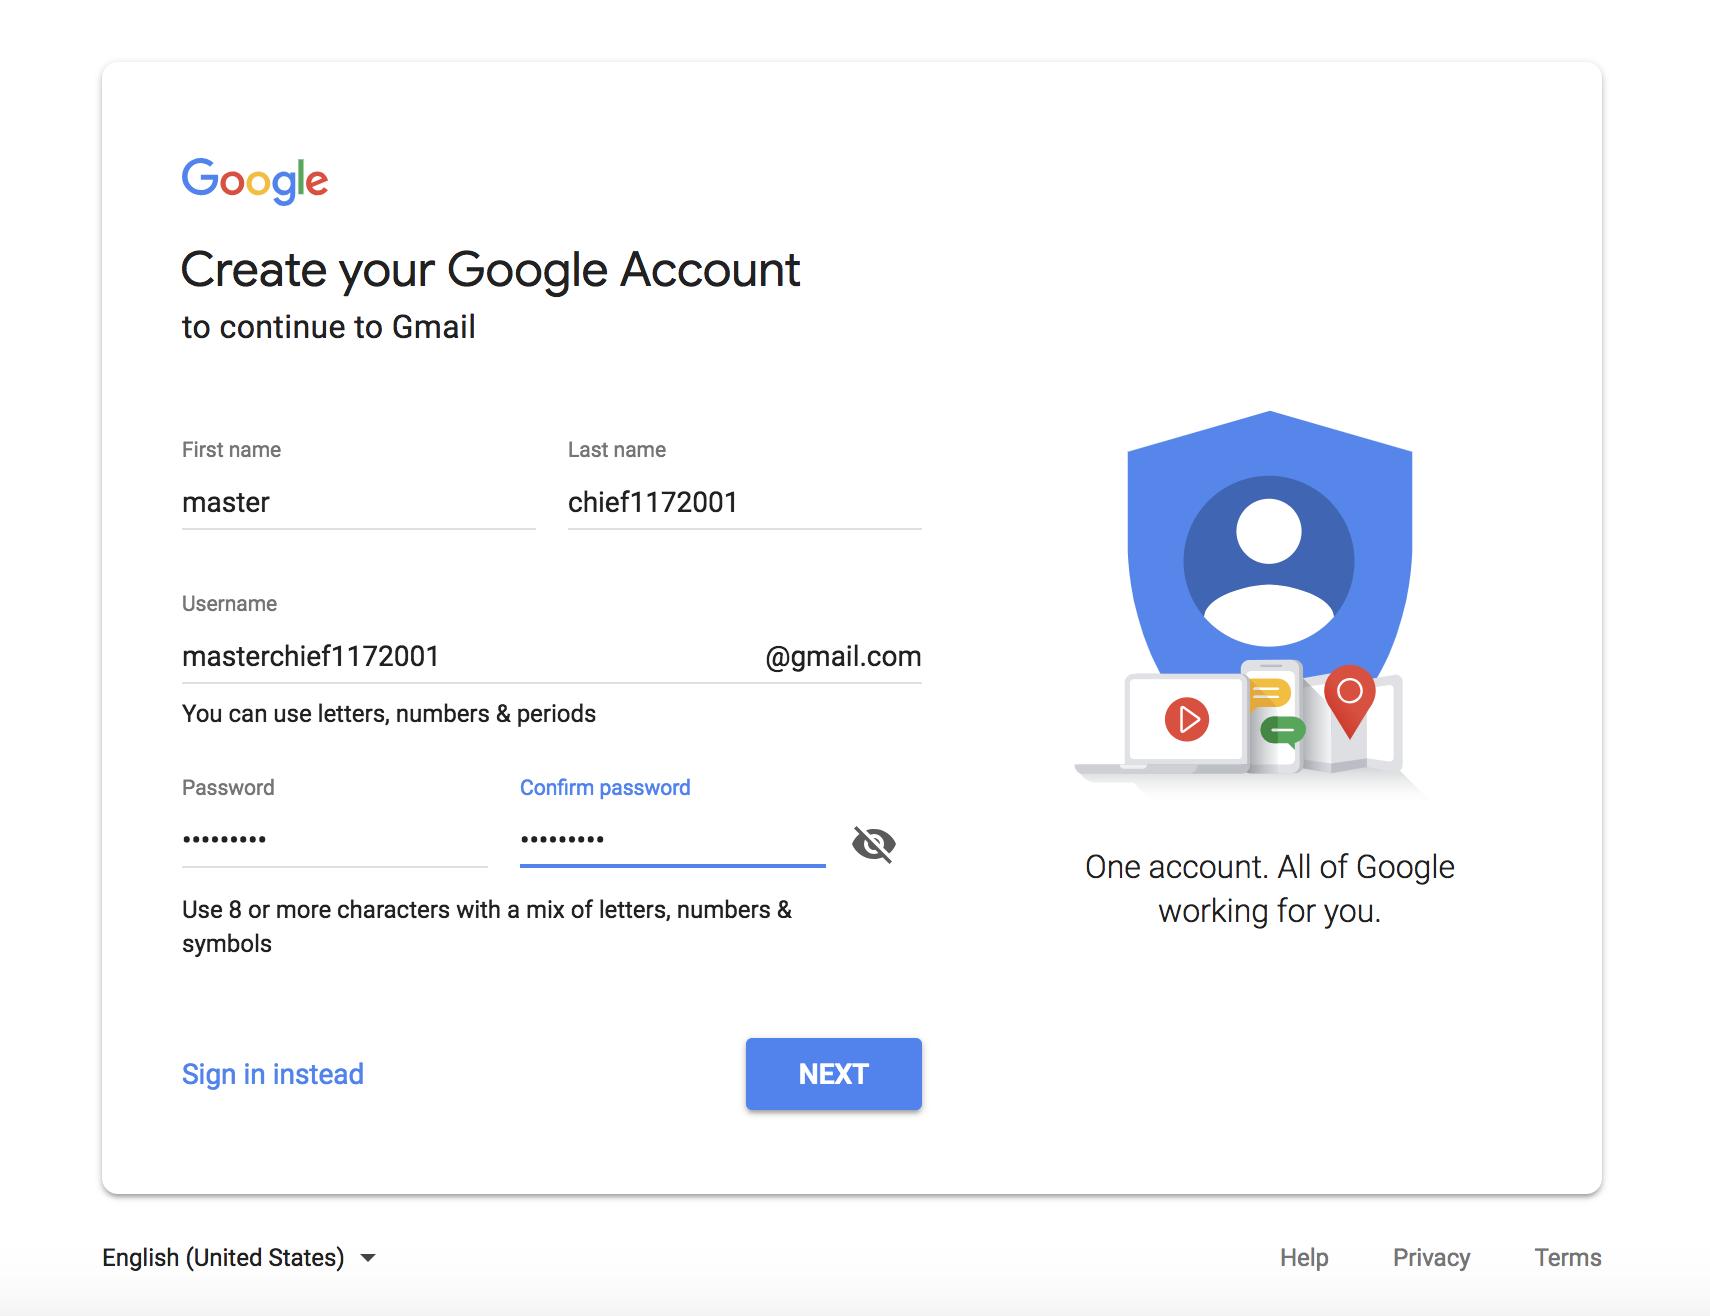 U.S. Gmail Address